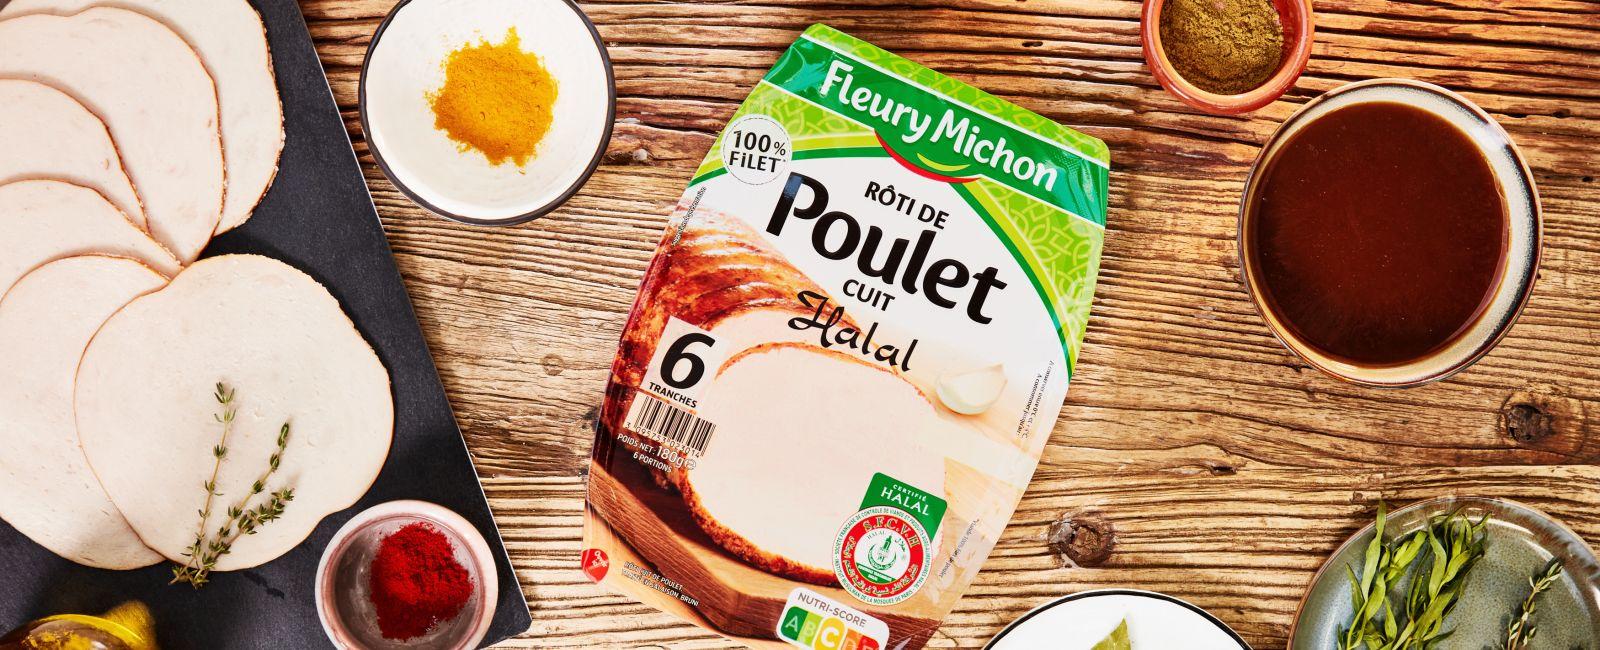 roti-poulet-halal.jpg